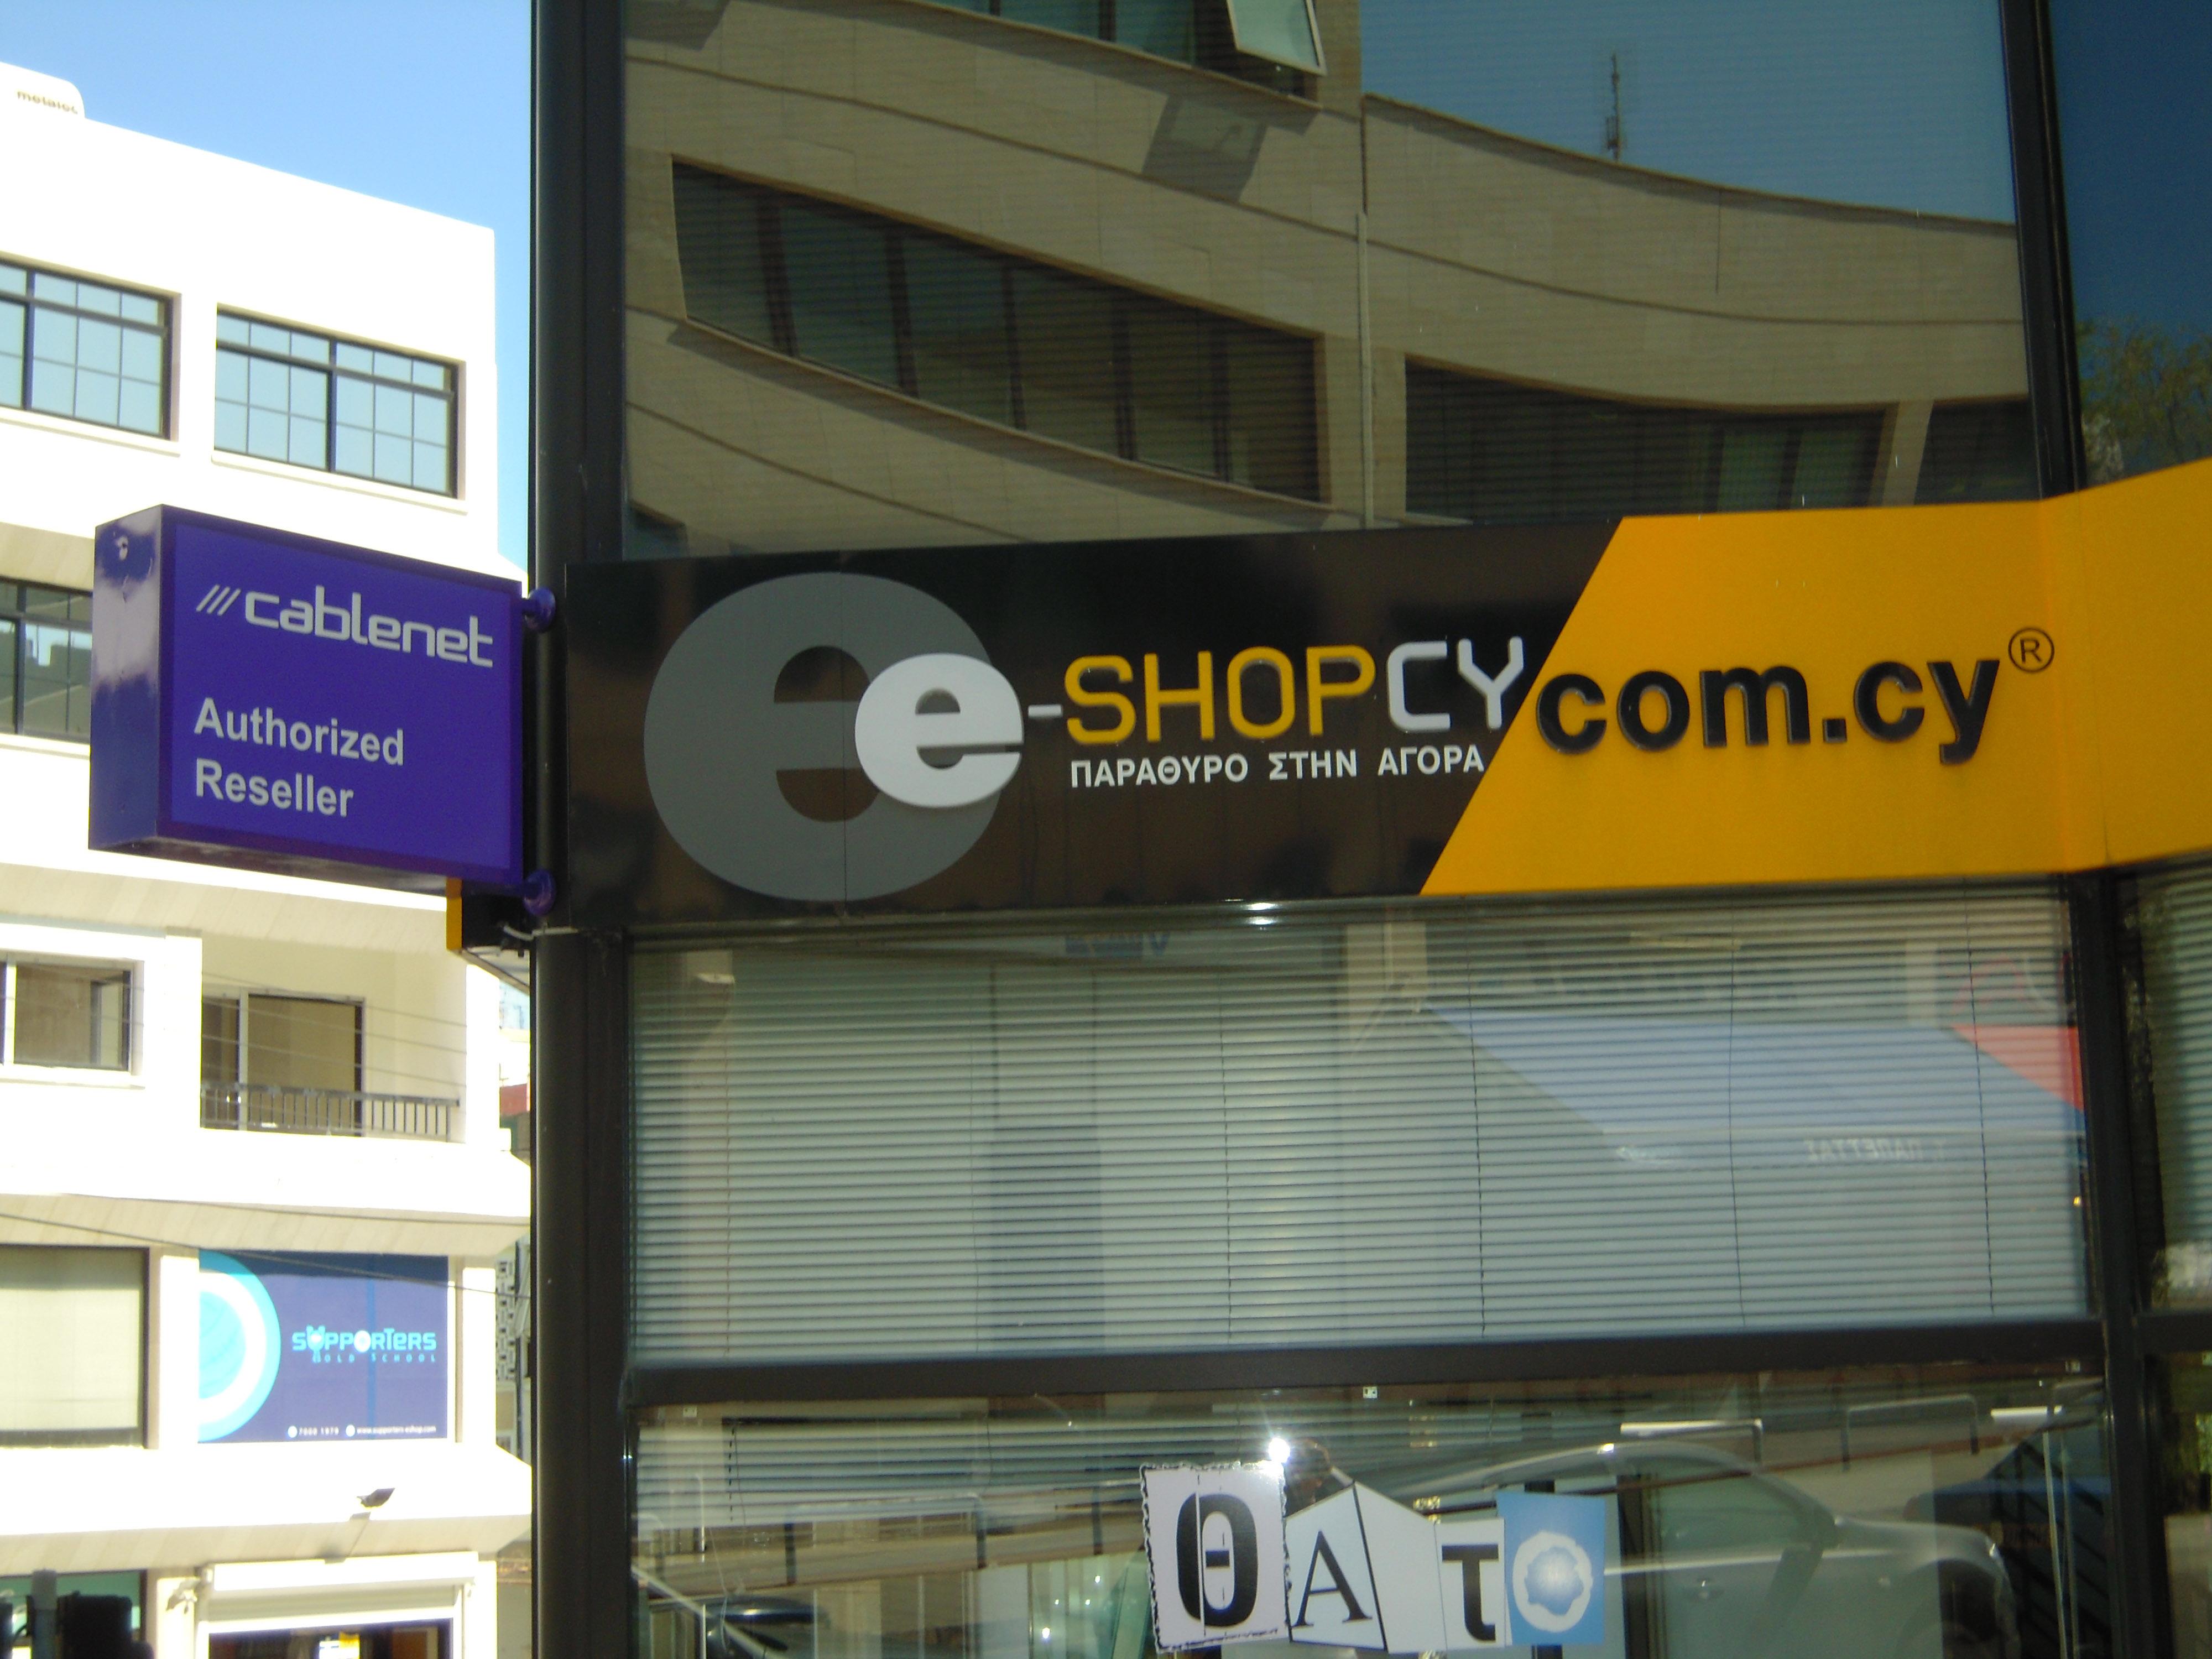 Η Cablenet διευρύνει το δίκτυο εγκεκριμένων μεταπωλητών της εγκαινιάζοντας  συνεργασία με τα καταστήματα E-shop Cyprus. Από την 1η Μαρτίου οι  ενδιαφερόμενοι ... e76fdd7bcea